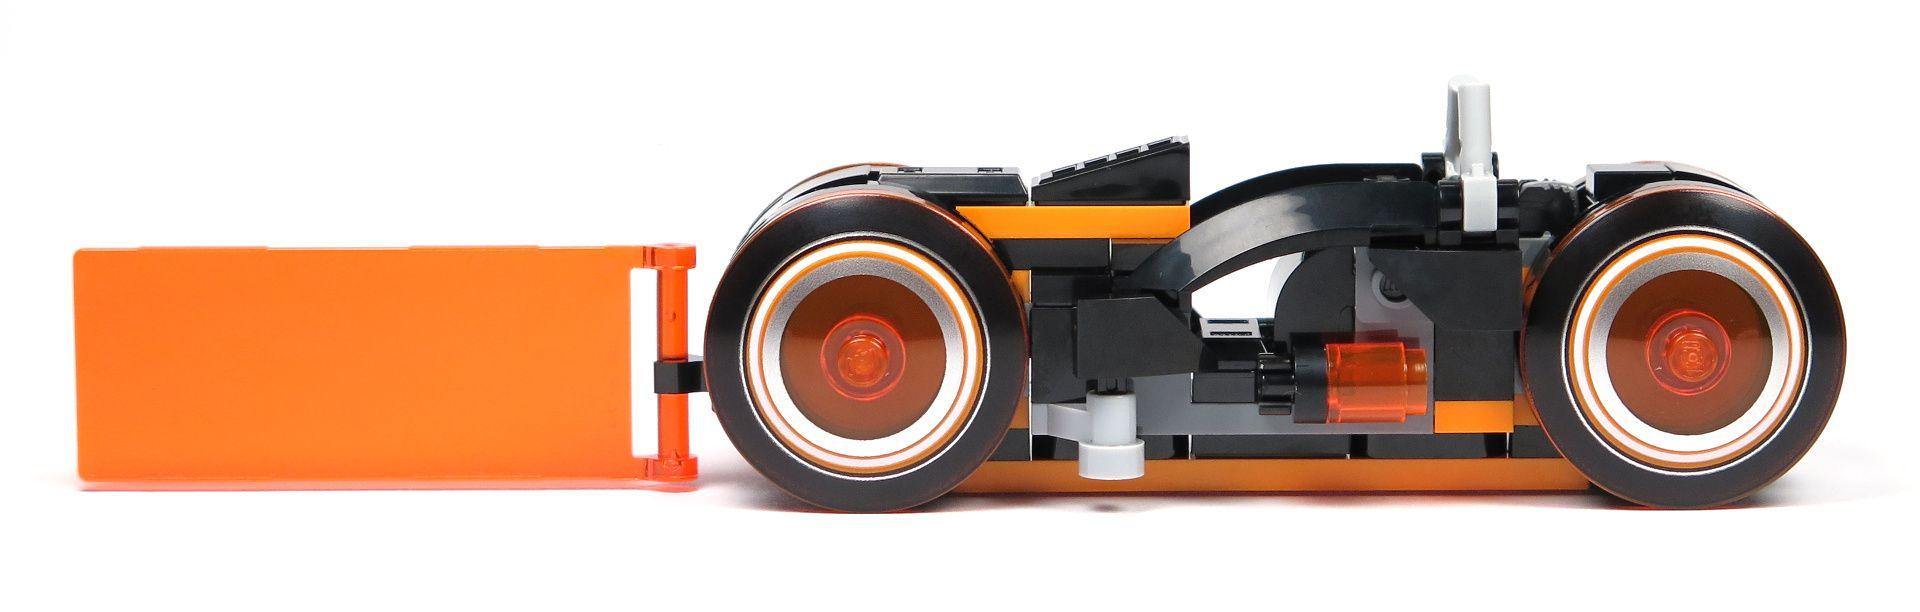 LEGO® Ideas TRON: Legacy (21314) - roter Lichtrenner, rechte Seite | ©2018 Brickzeit